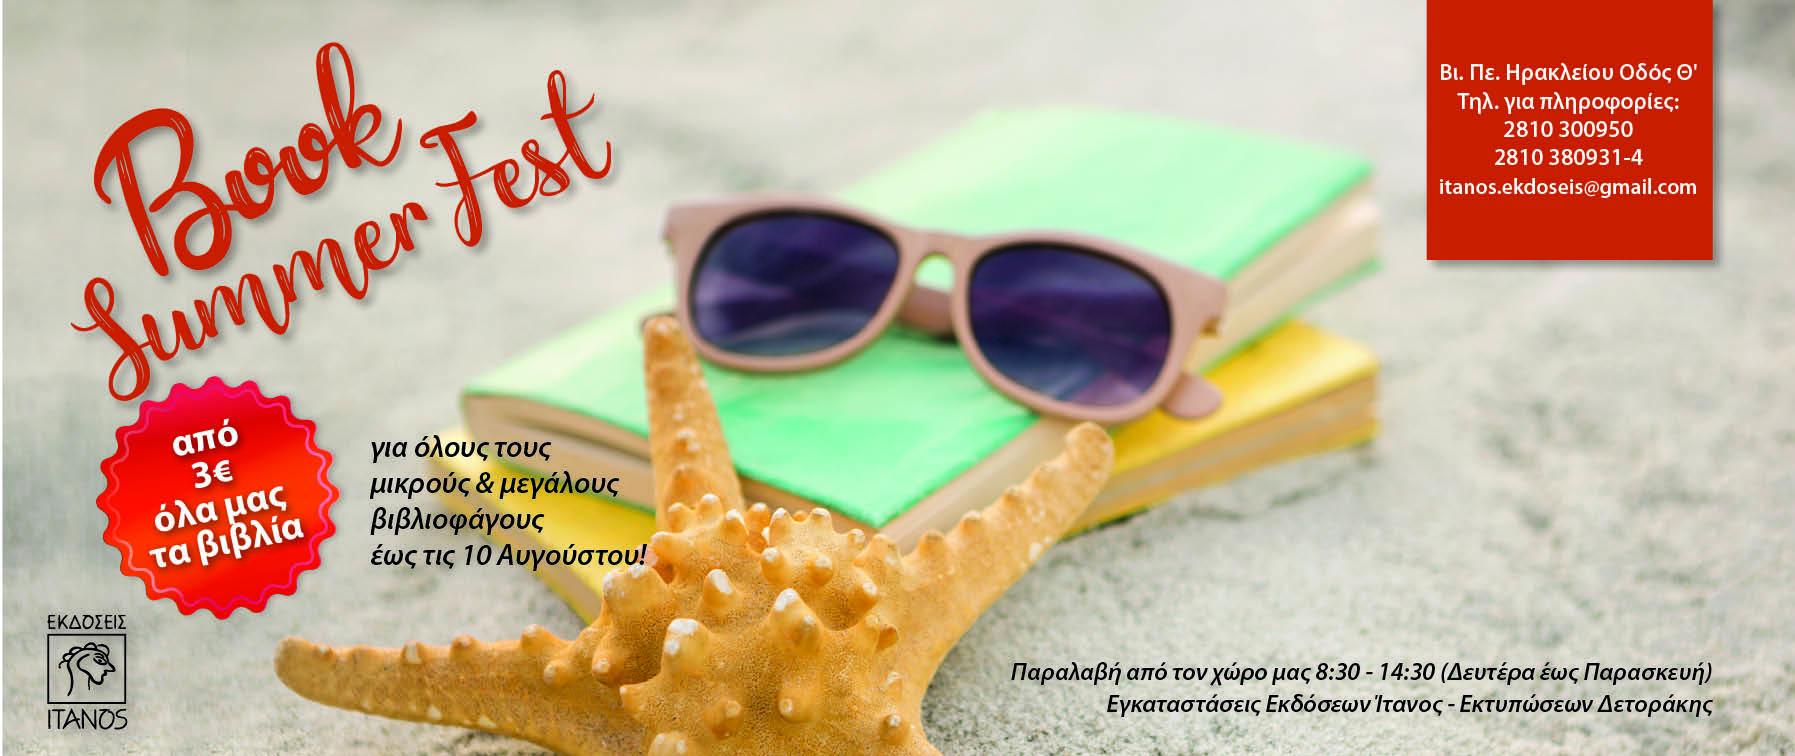 Book Summer Fest